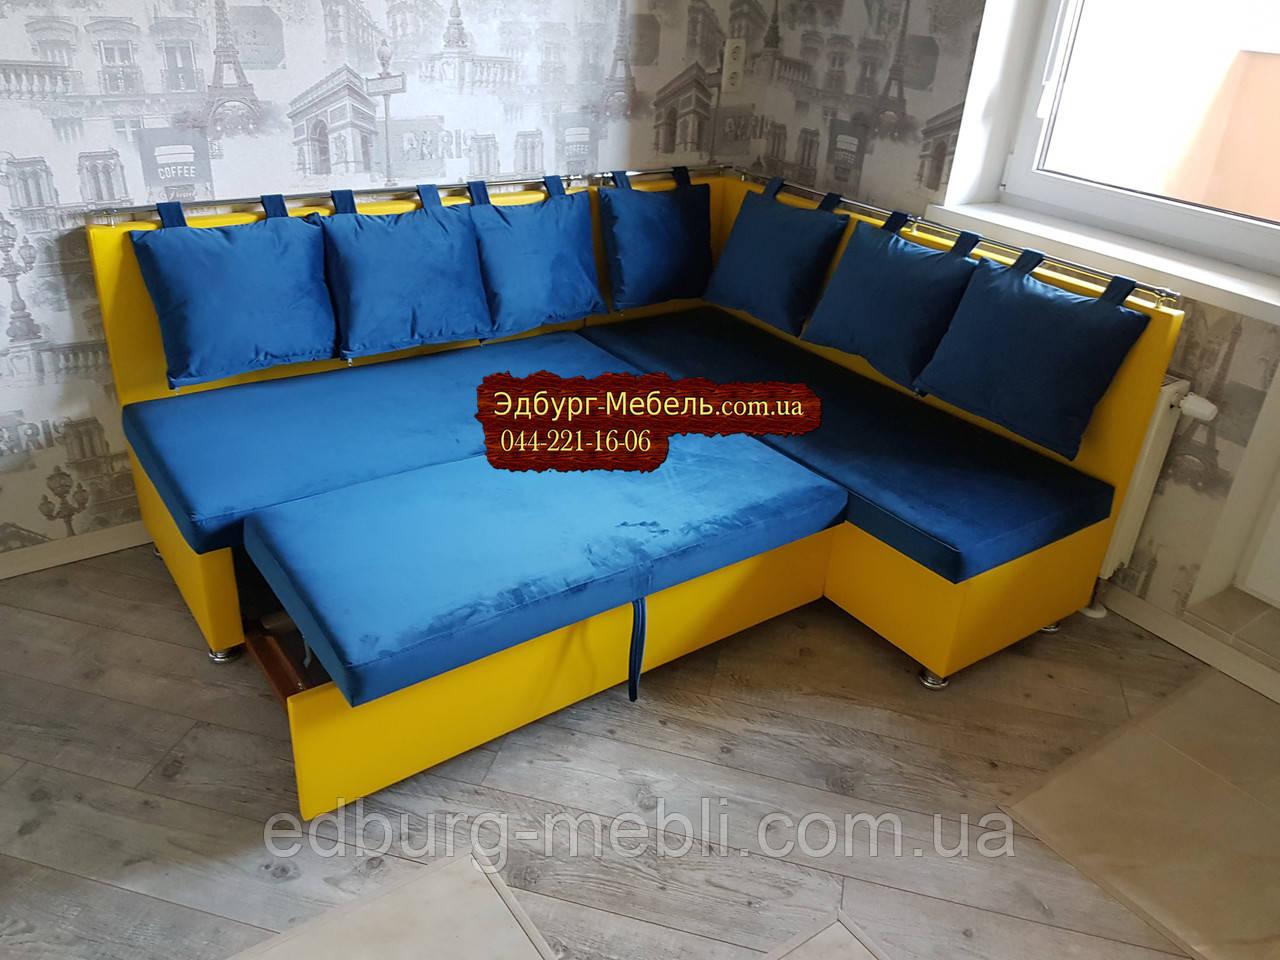 Кухонный уголок со спальным местом на заказ Ирпень